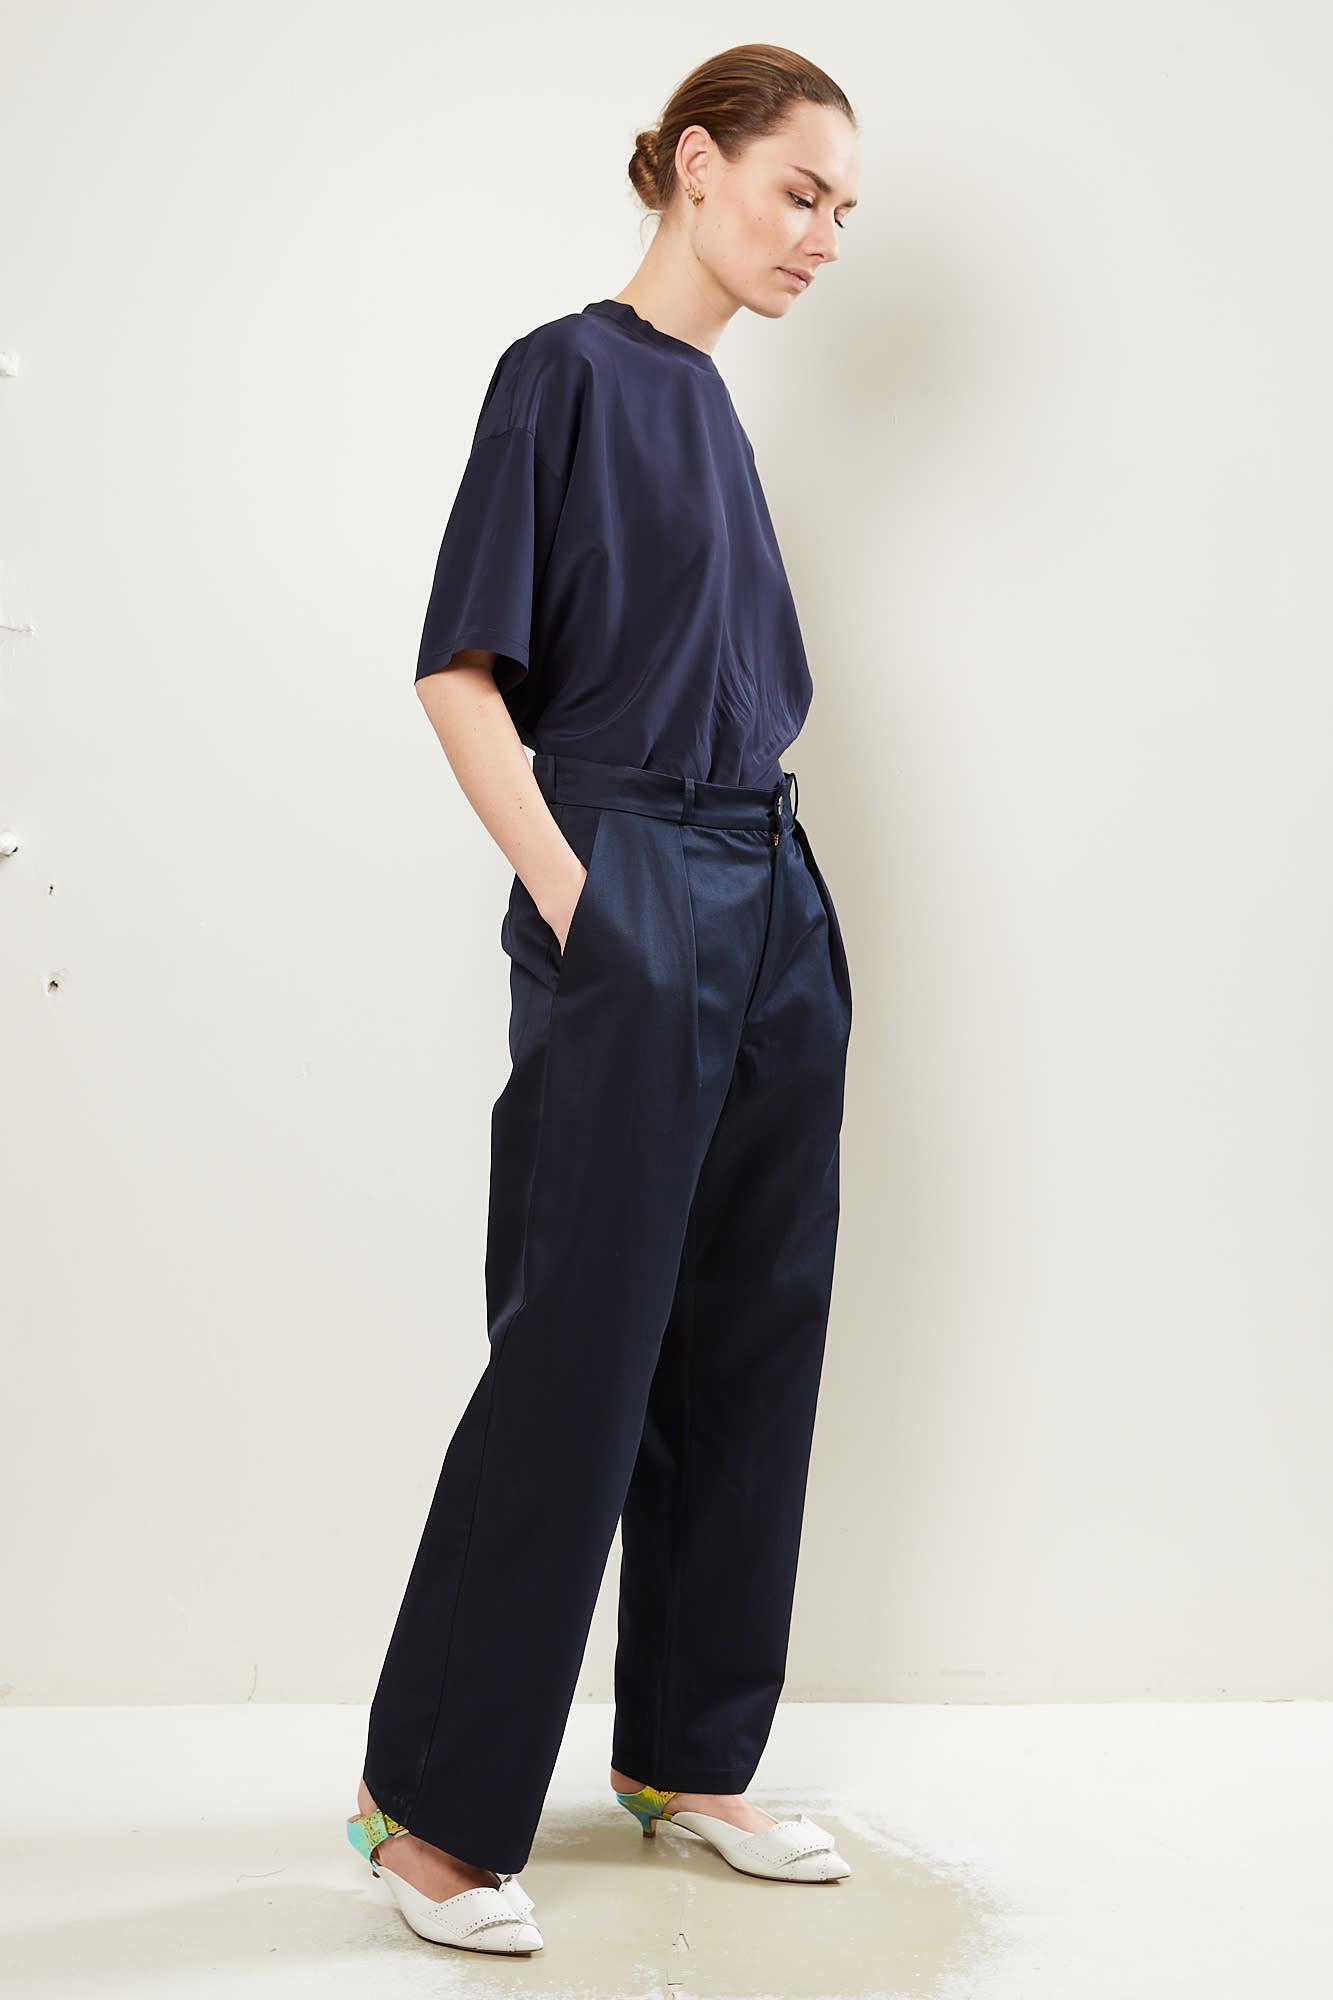 Monique van Heist Natasja cotton linnen straight pants